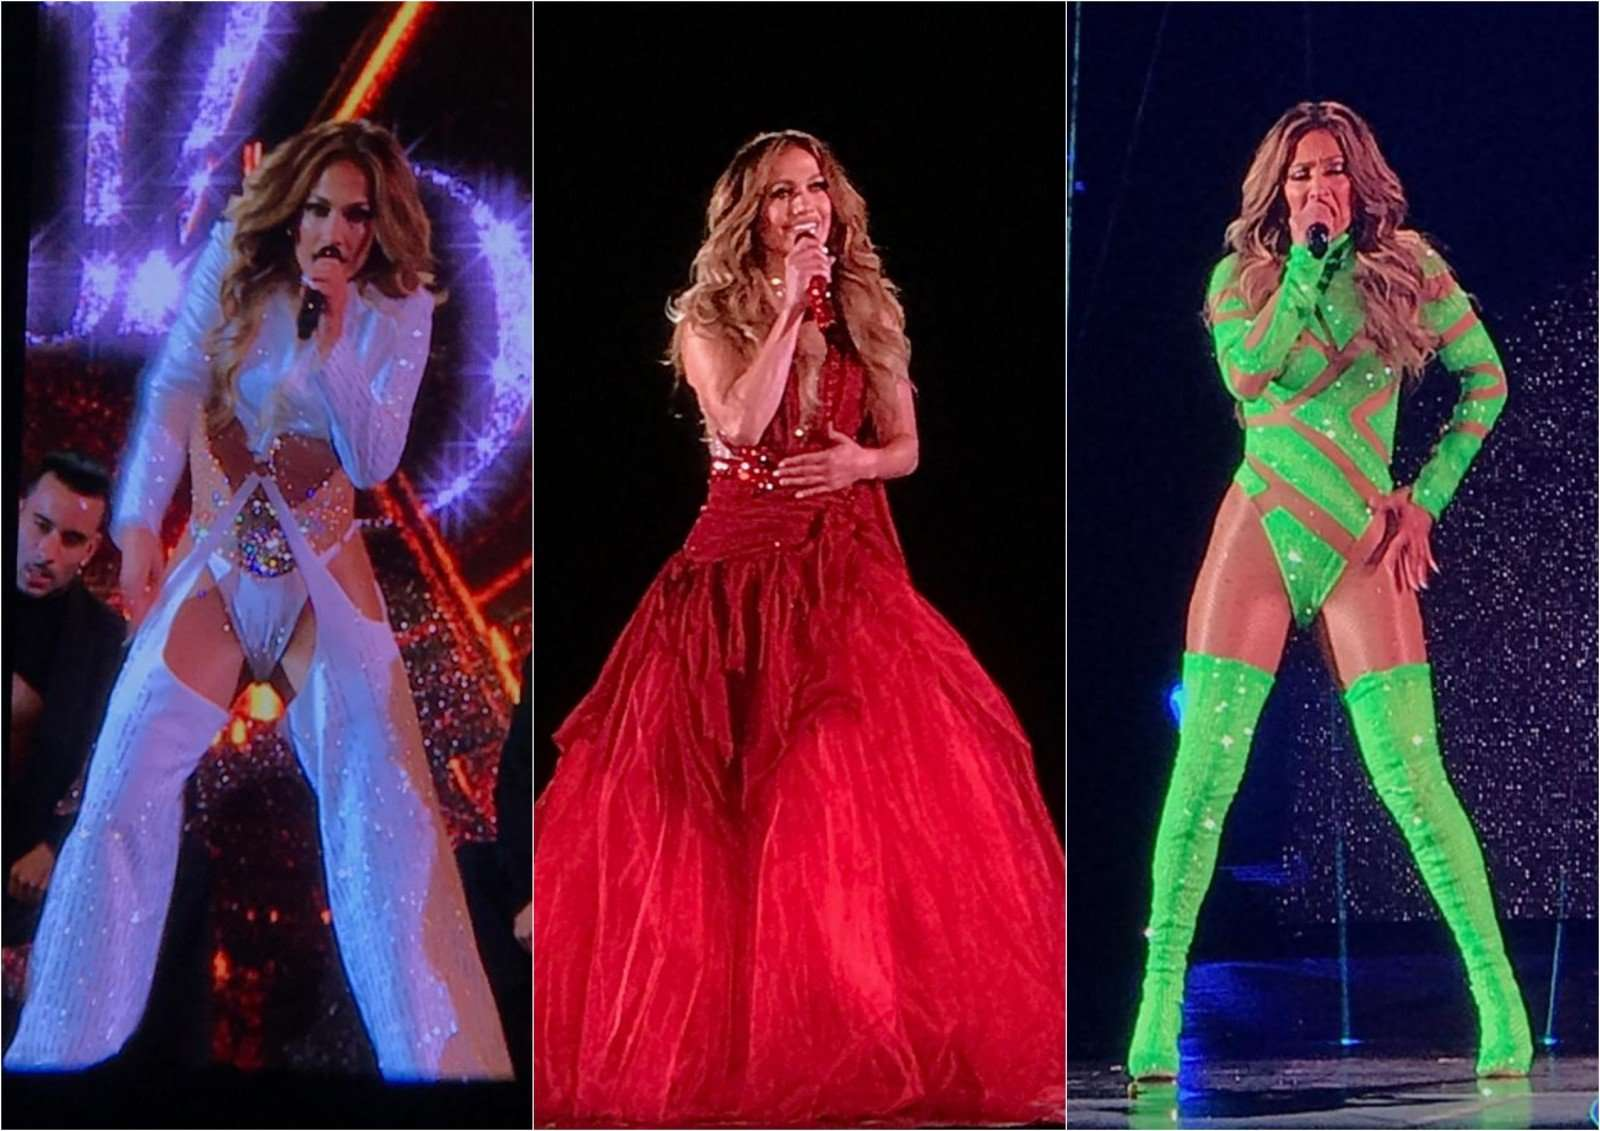 Дженнифер Лопес триумфально выступила в Москве (внутри — самые горячие видео концерта!)